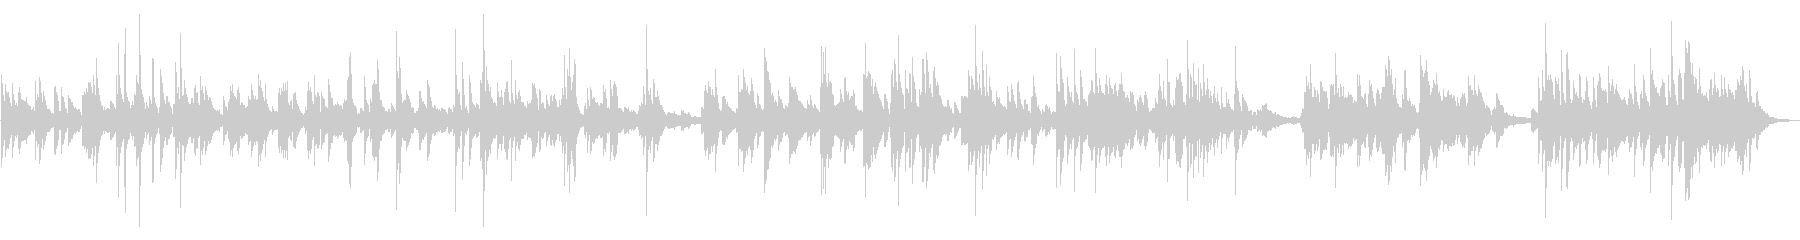 繊細なエレクトリックピアノでアコー...の未再生の波形